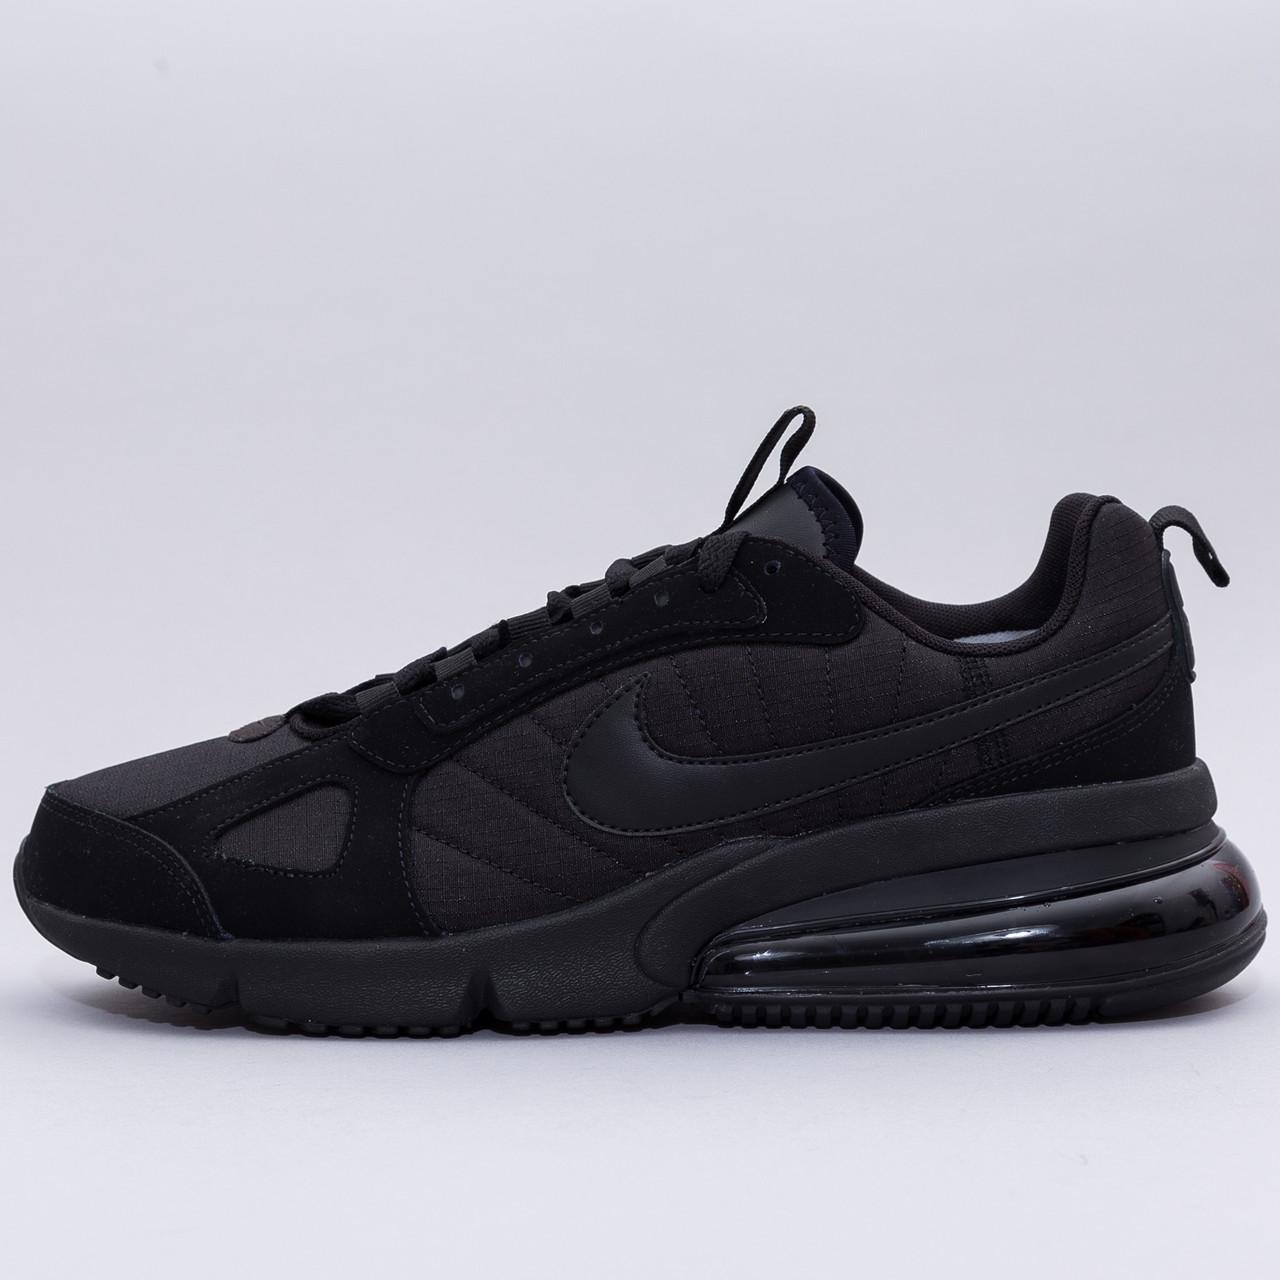 e9035e56 Мужские кроссовки Nike Air Max 270 Futura AO1569-005: продажа, цена ...